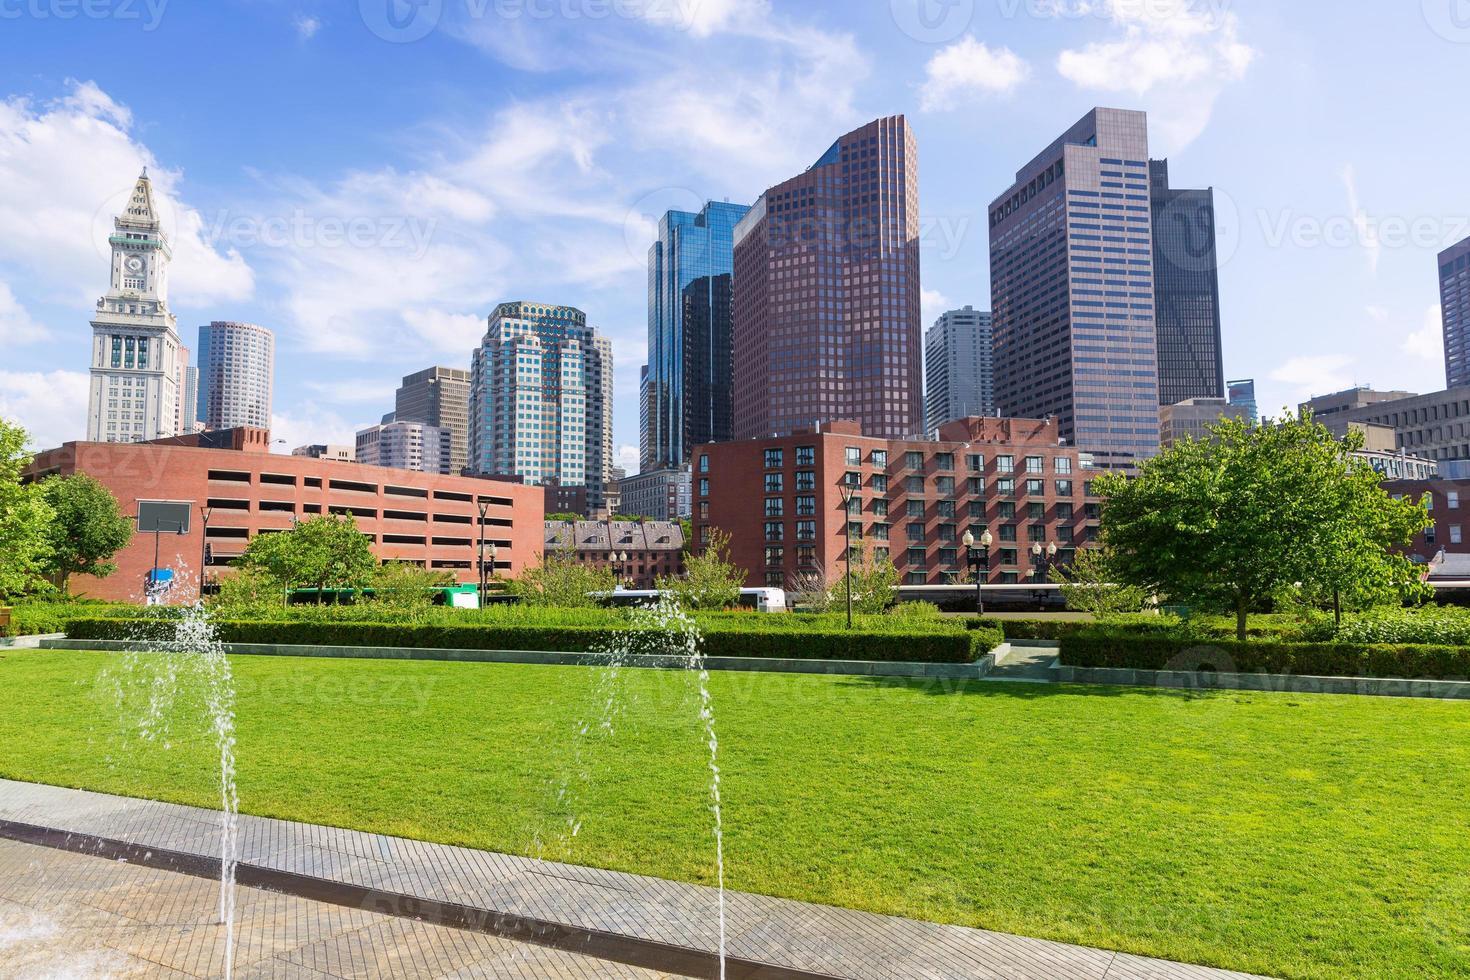 Boston North End Park e Slkyline Massachusetts foto